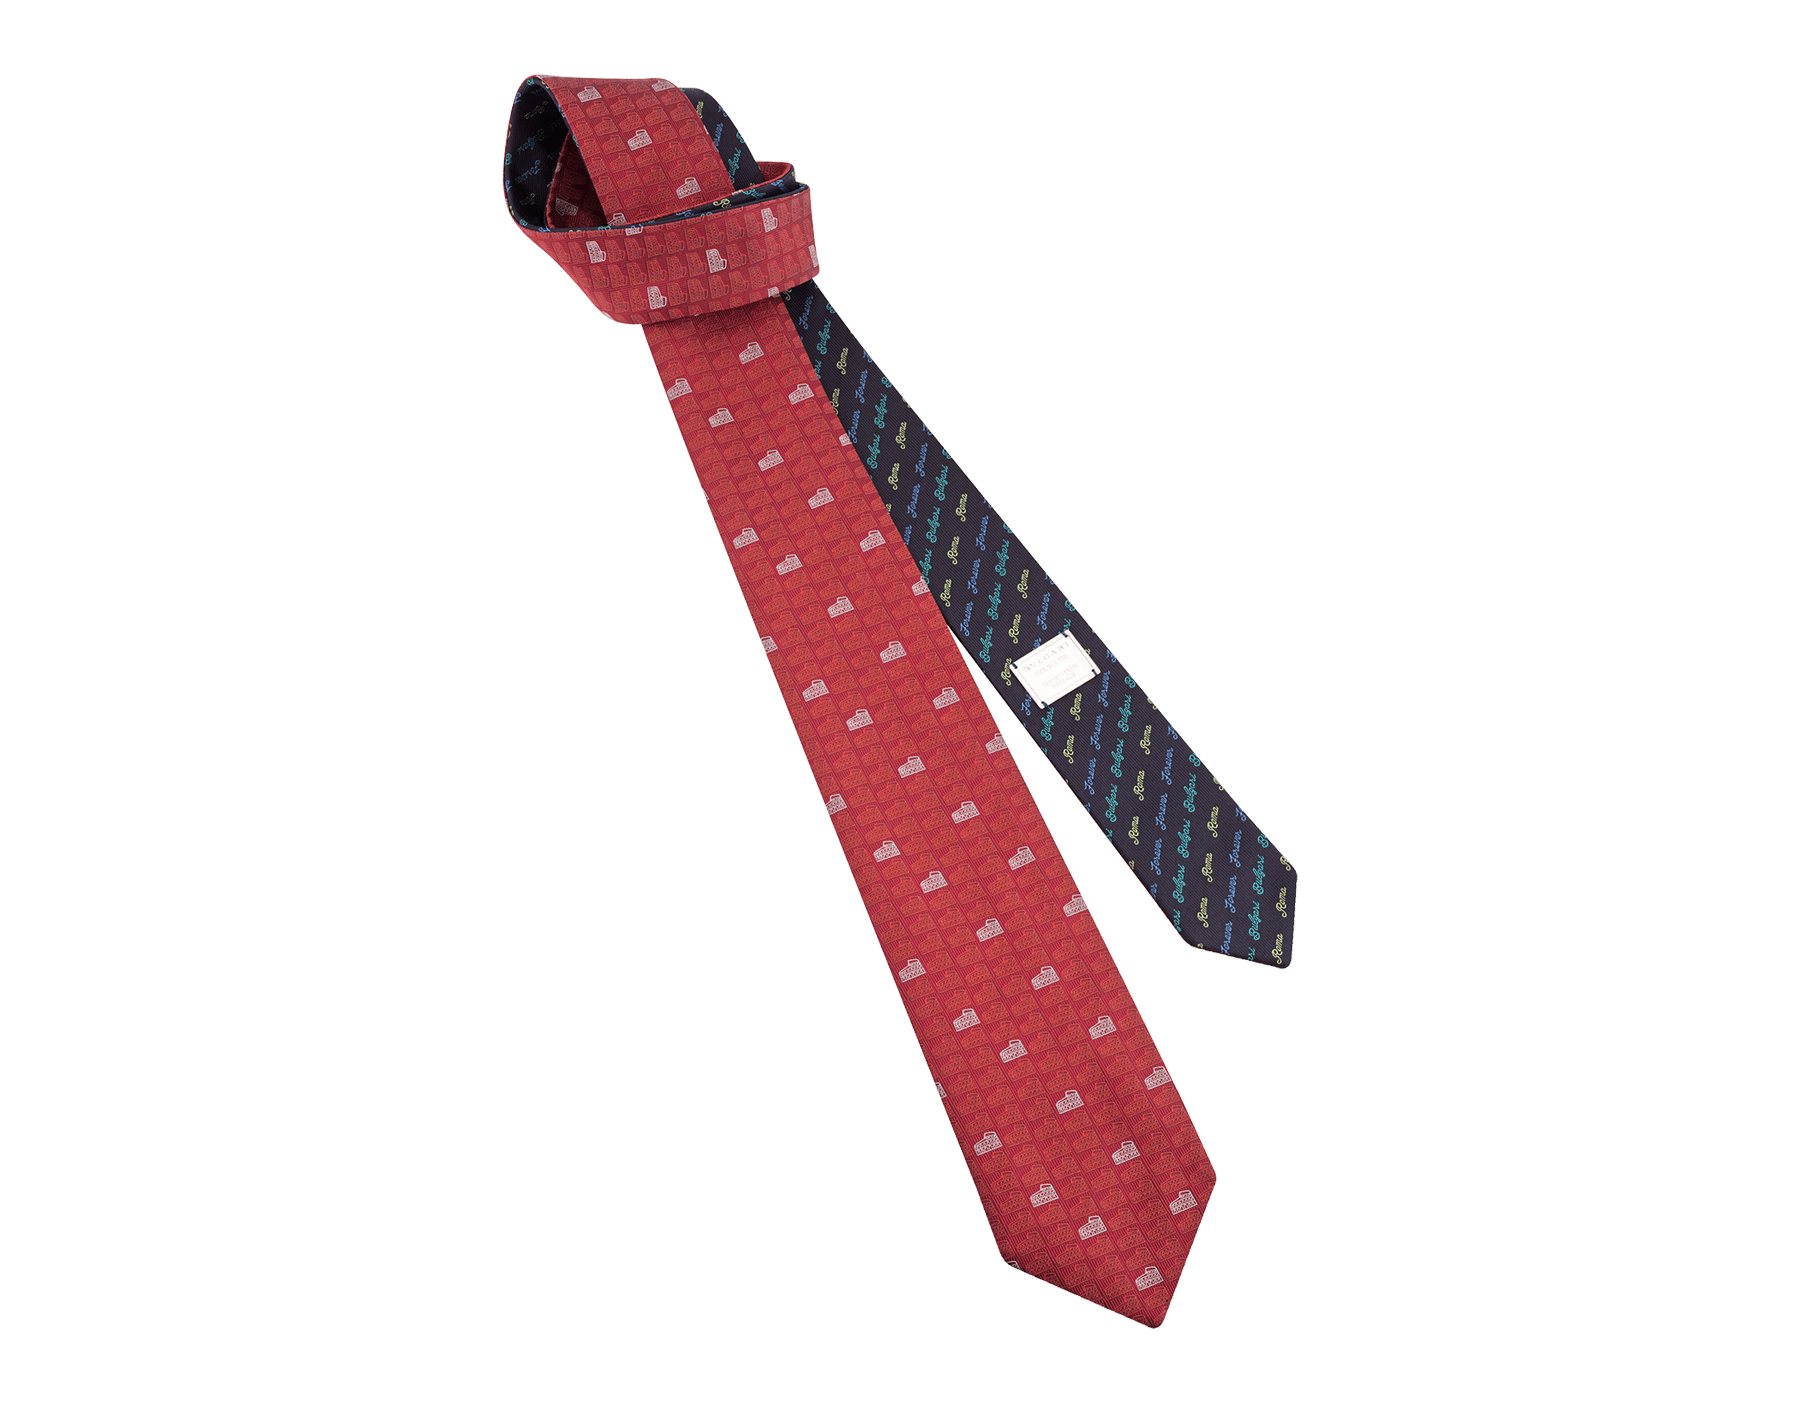 Cravatta rossa con motivo Double Roma in seta pregiata. 243731 image 1